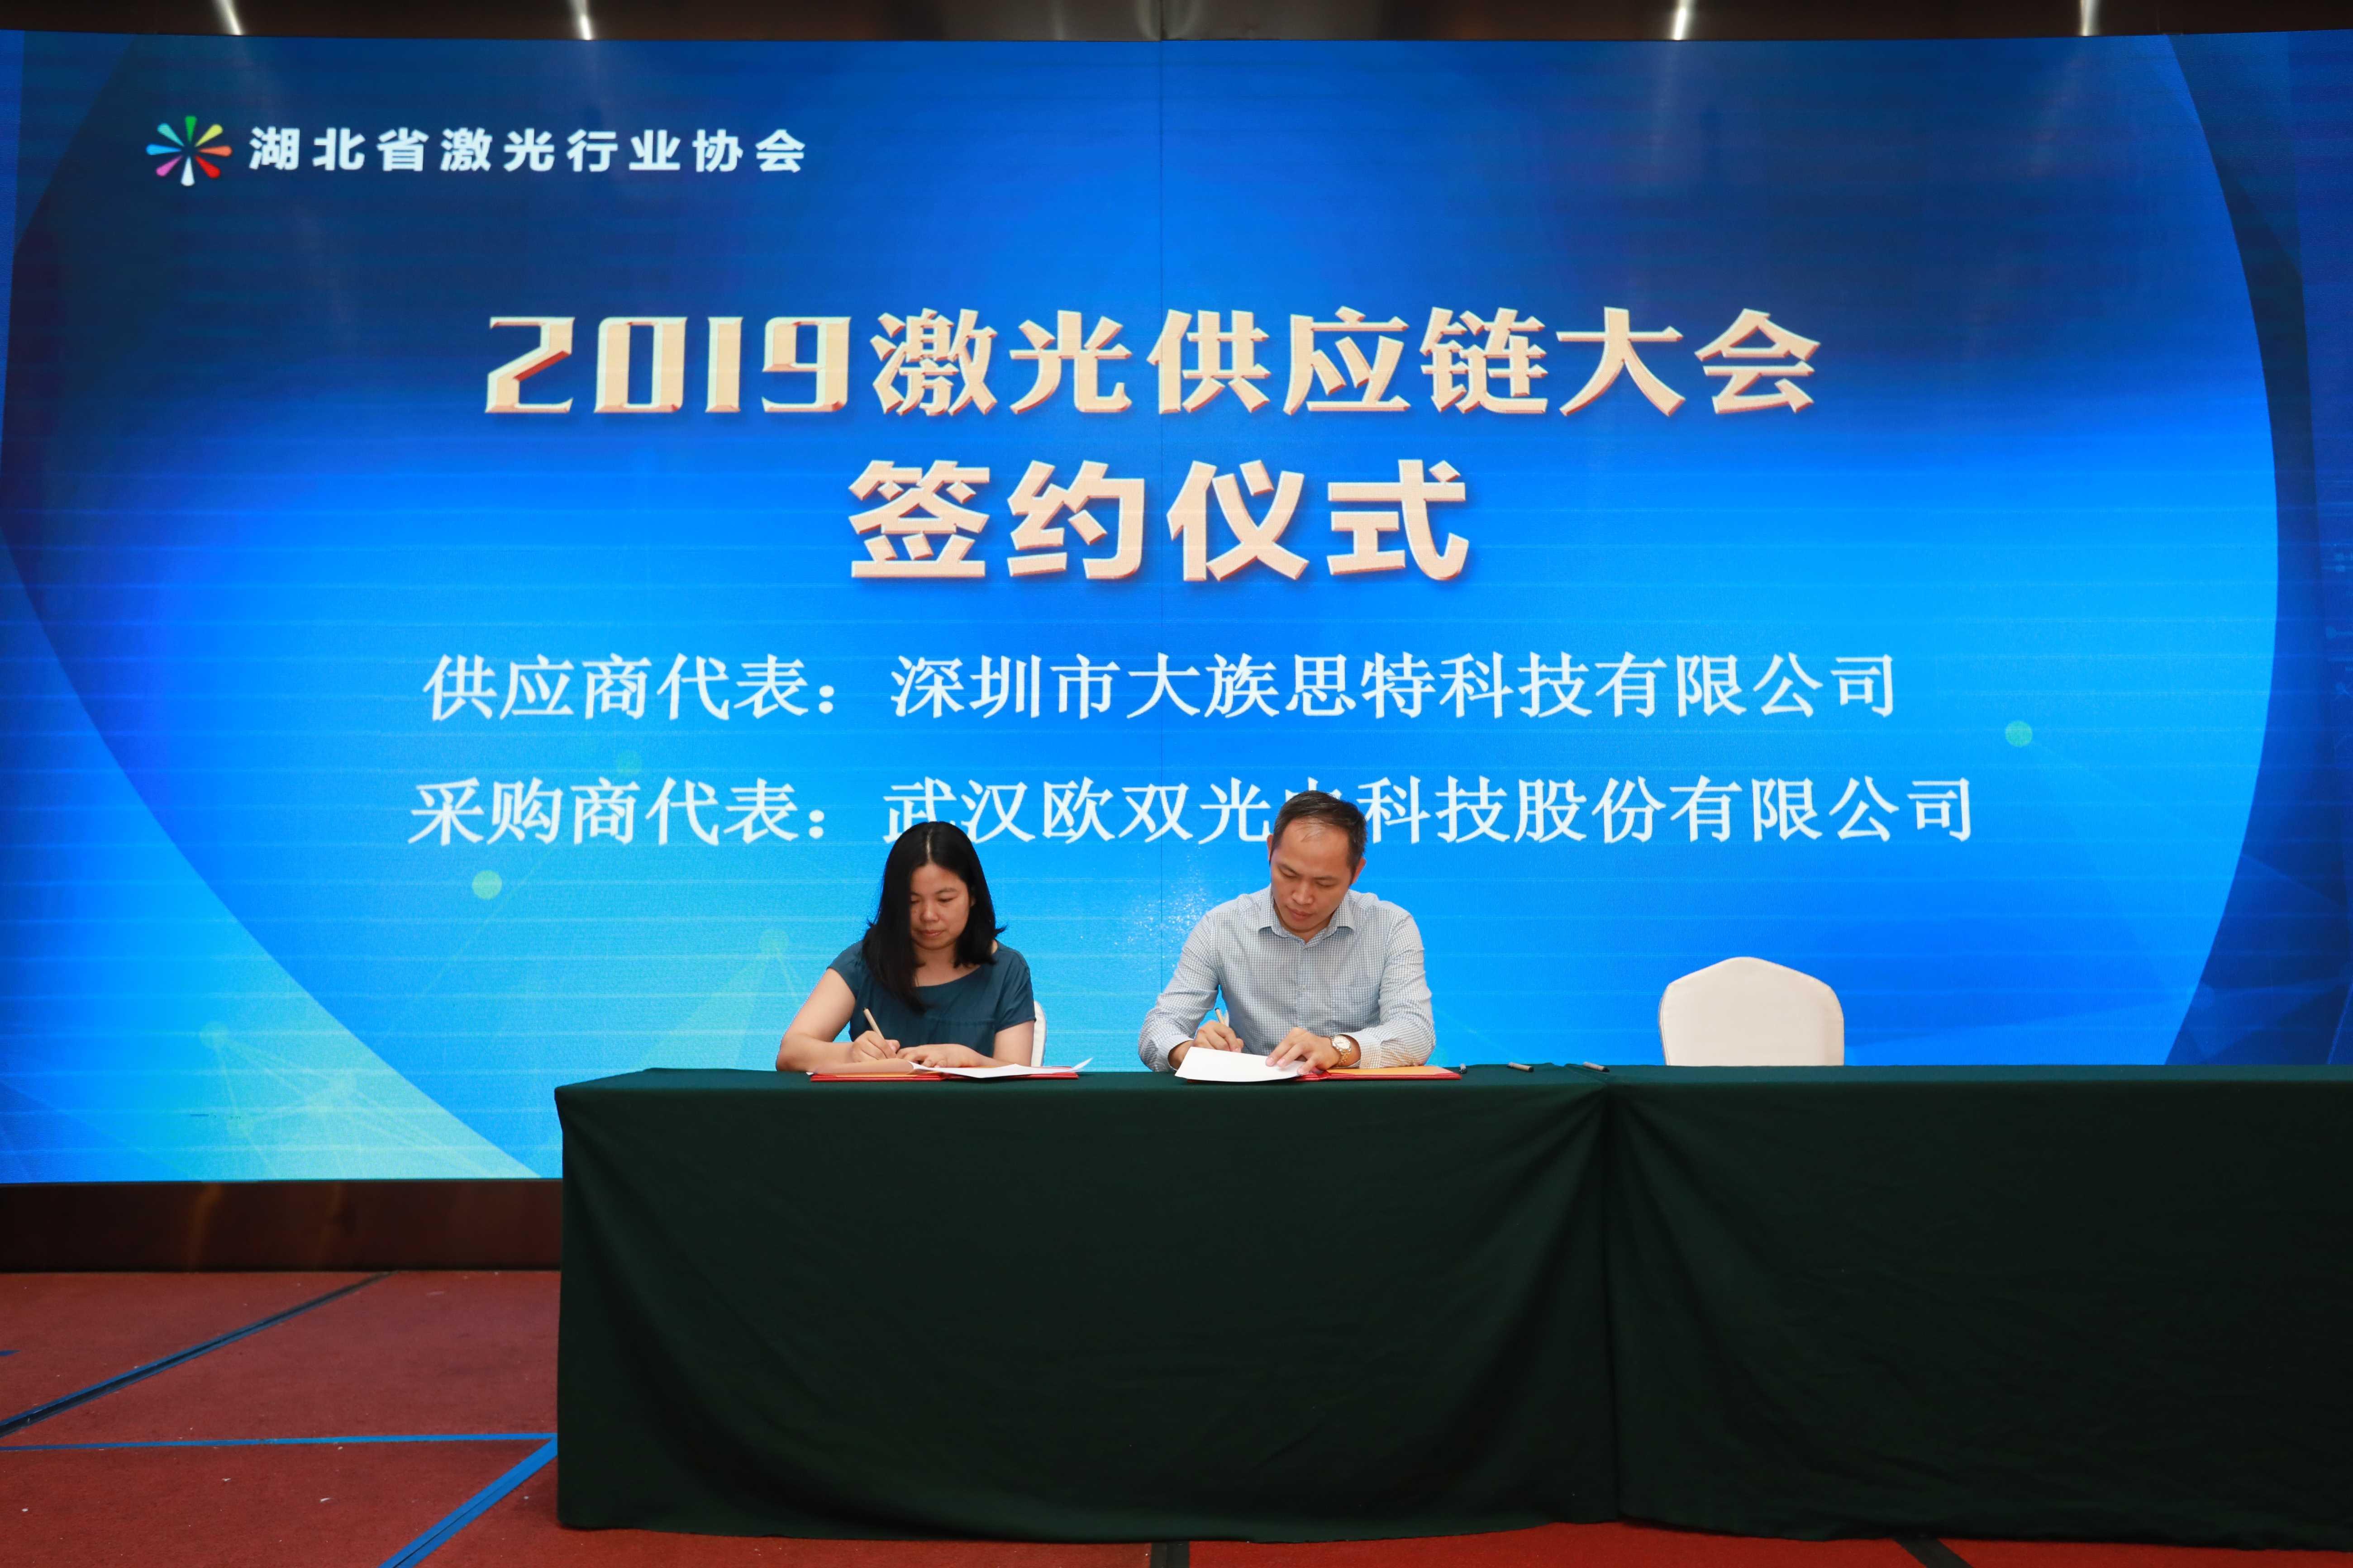 2019激光供应链大会新闻照片-签约7